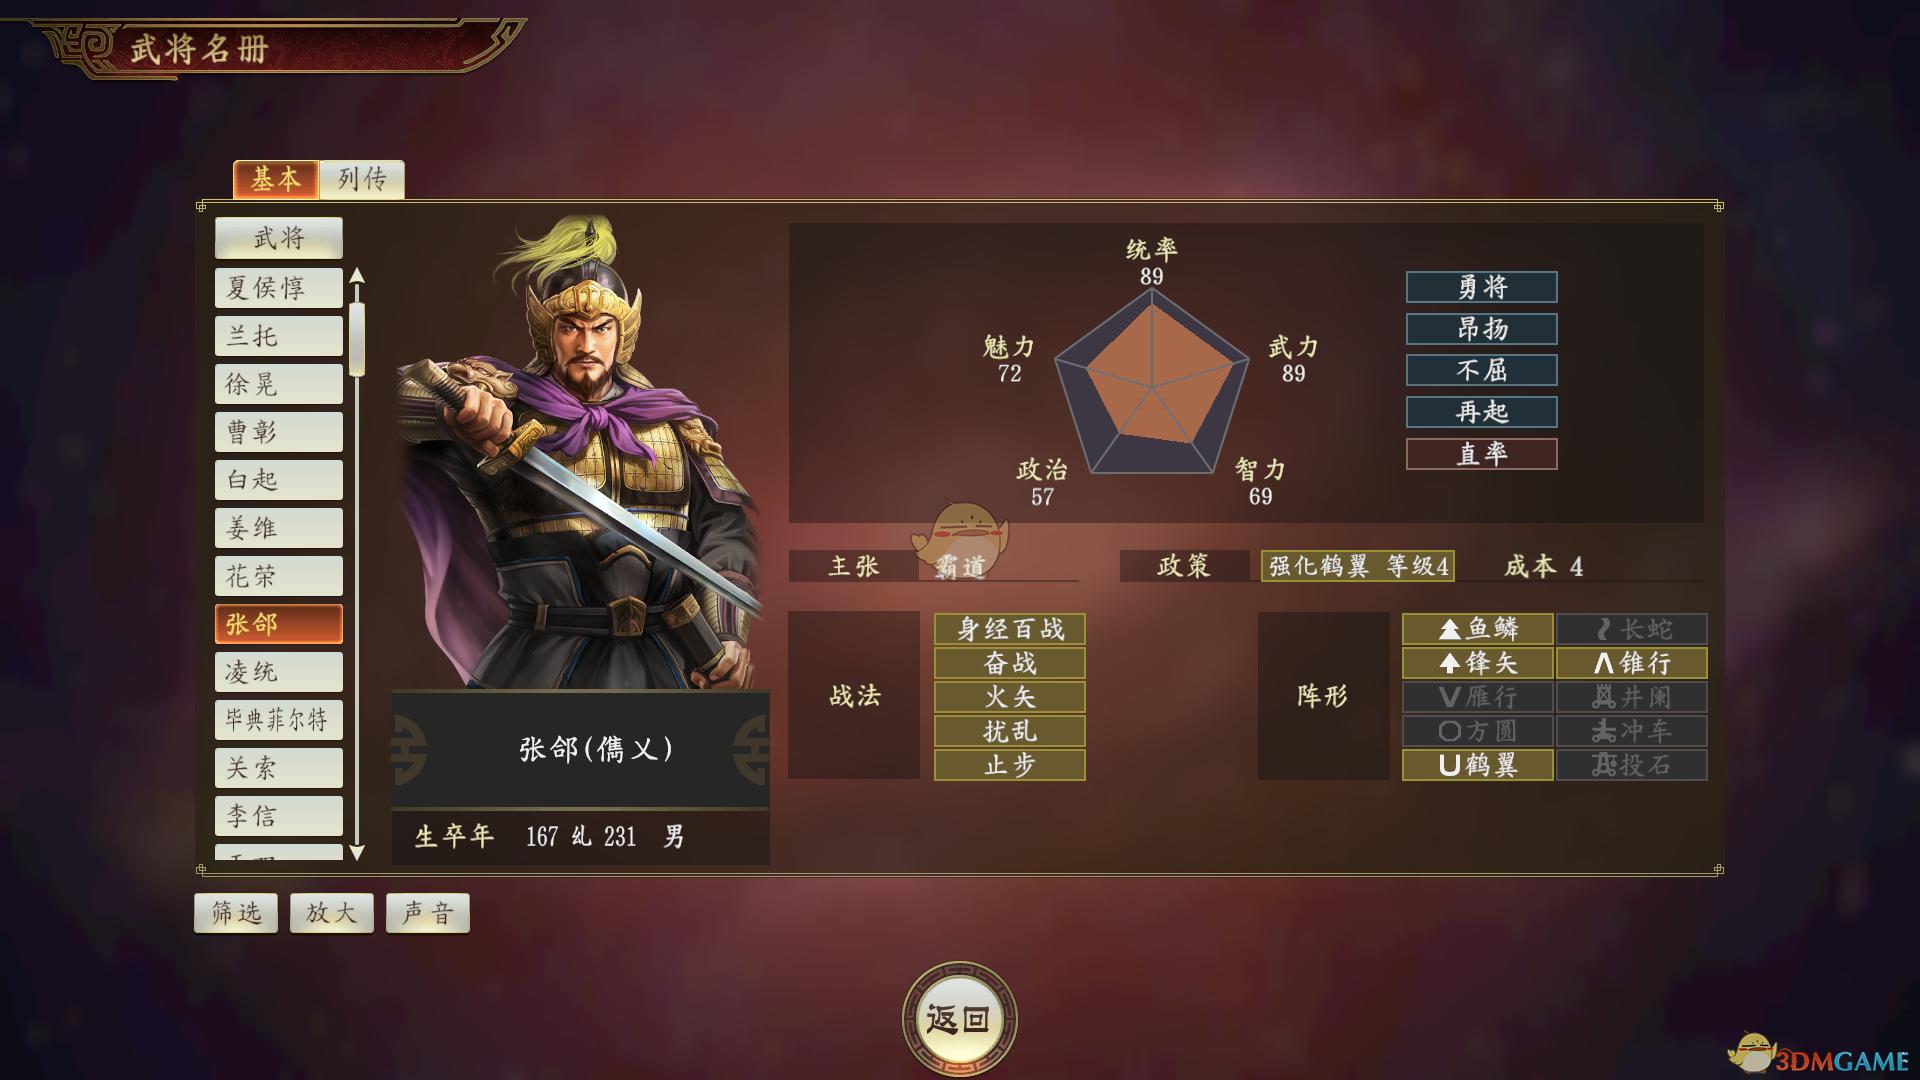 《三国志14》张郃武将点评